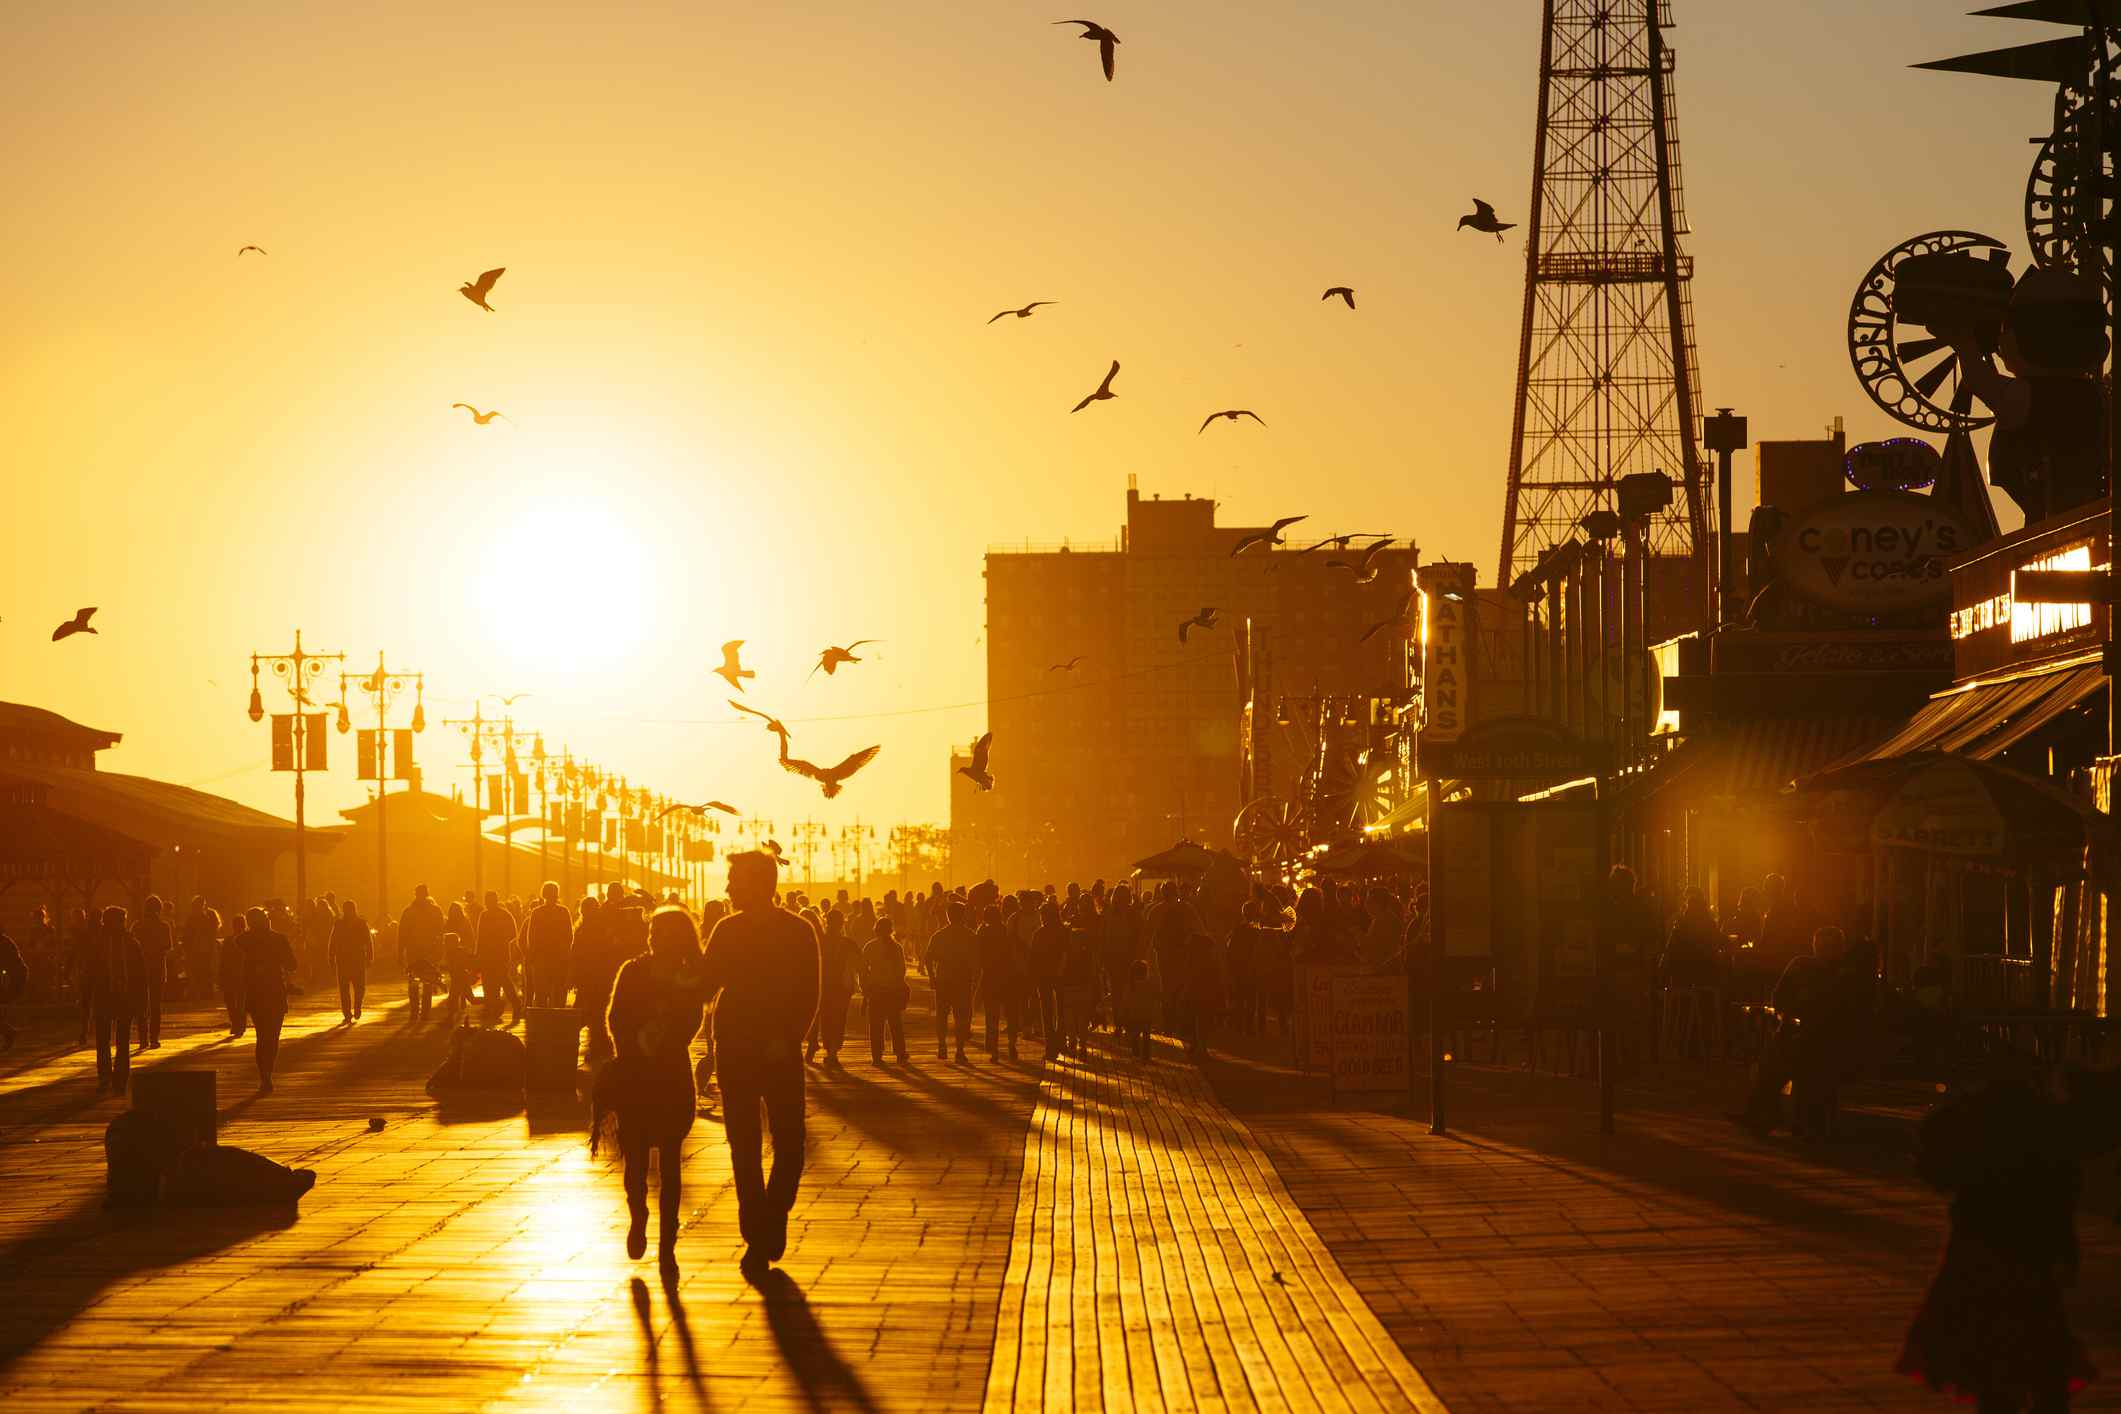 Coney Island Boardwalk at sunset, Brooklyn